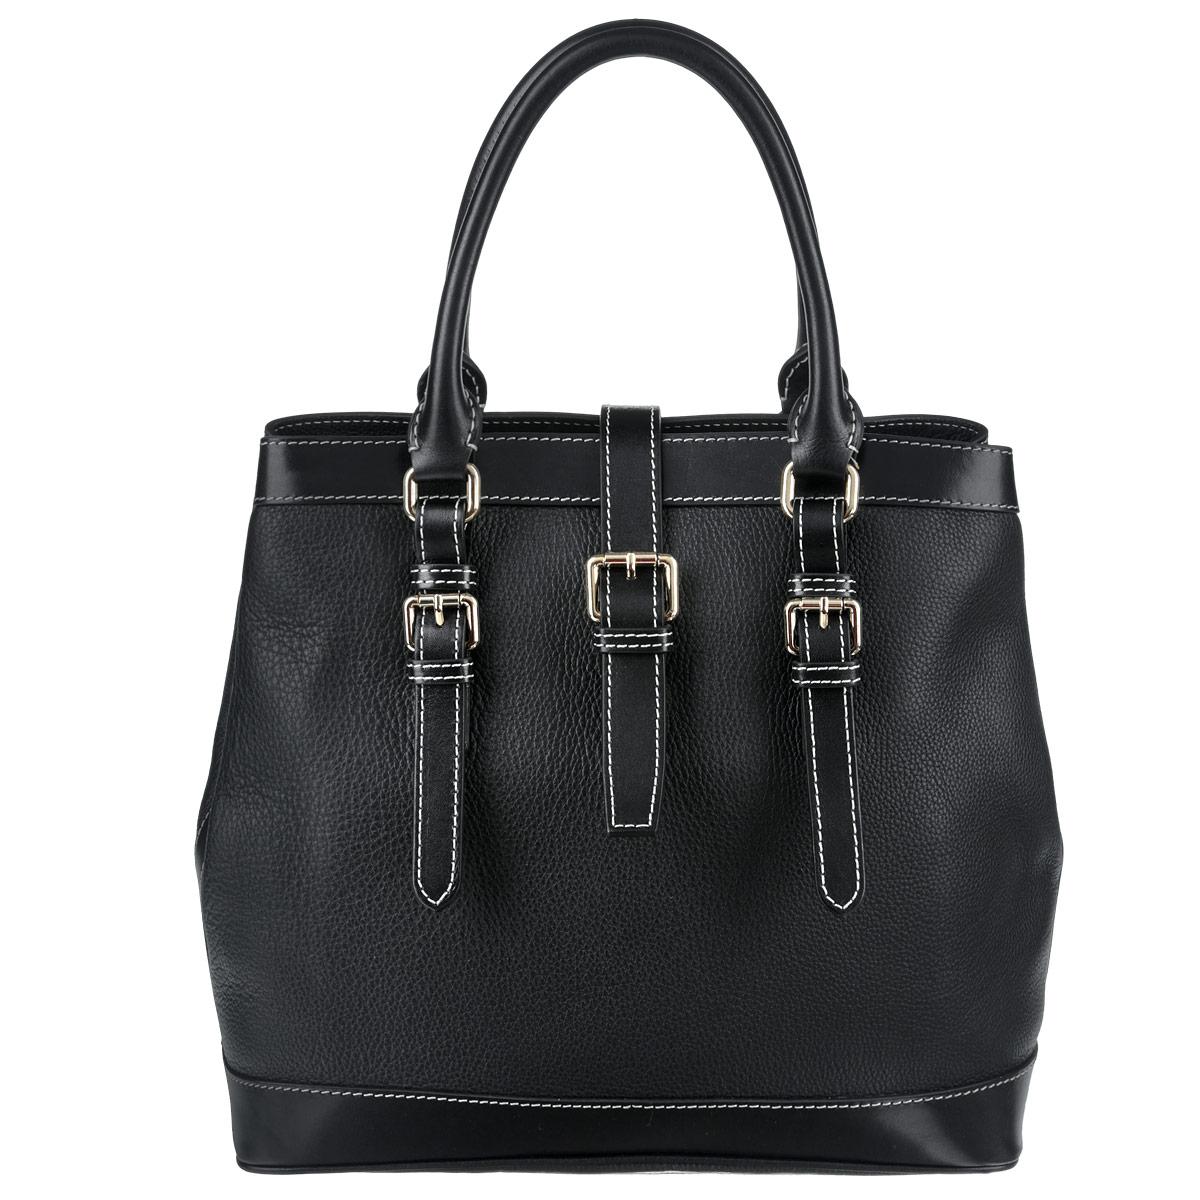 Сумка женская Frija, цвет: черный. 21-0161-13KV996OPY/MСтильная женская сумка Frija выполнена из натуральной кожи в классическом стиле. Внутри сумки одно основное отделение и два внутренних кармана для телефона и мелочей, два из которых на молнии. Снаружи сумка закрывается на молнию и на хлястик на магните, по бокам крепится кнопками, поэтому ее можно носить в развернутом виде. Высота ручек 14 см. Высота плечевого ремня 137 см.В комплекте чехол для хранения.Роскошная сумка внесёт элегантные нотки в ваш образ и подчеркнёт отменное чувство стиля.- размер: длина — 33 см, ширина - 16,5 см, высота - 31 см, высота ручек - 14 см, длина съемного плечевого ремня - 137 см- внутри: модель имеет одно основное отделение и три внутренних кармана для телефона и мелочей, два из которых на молнии- снаружи: сумка закрывается на хлястик на магните, по бокам крепится кнопками, можно носить в развернутом виде